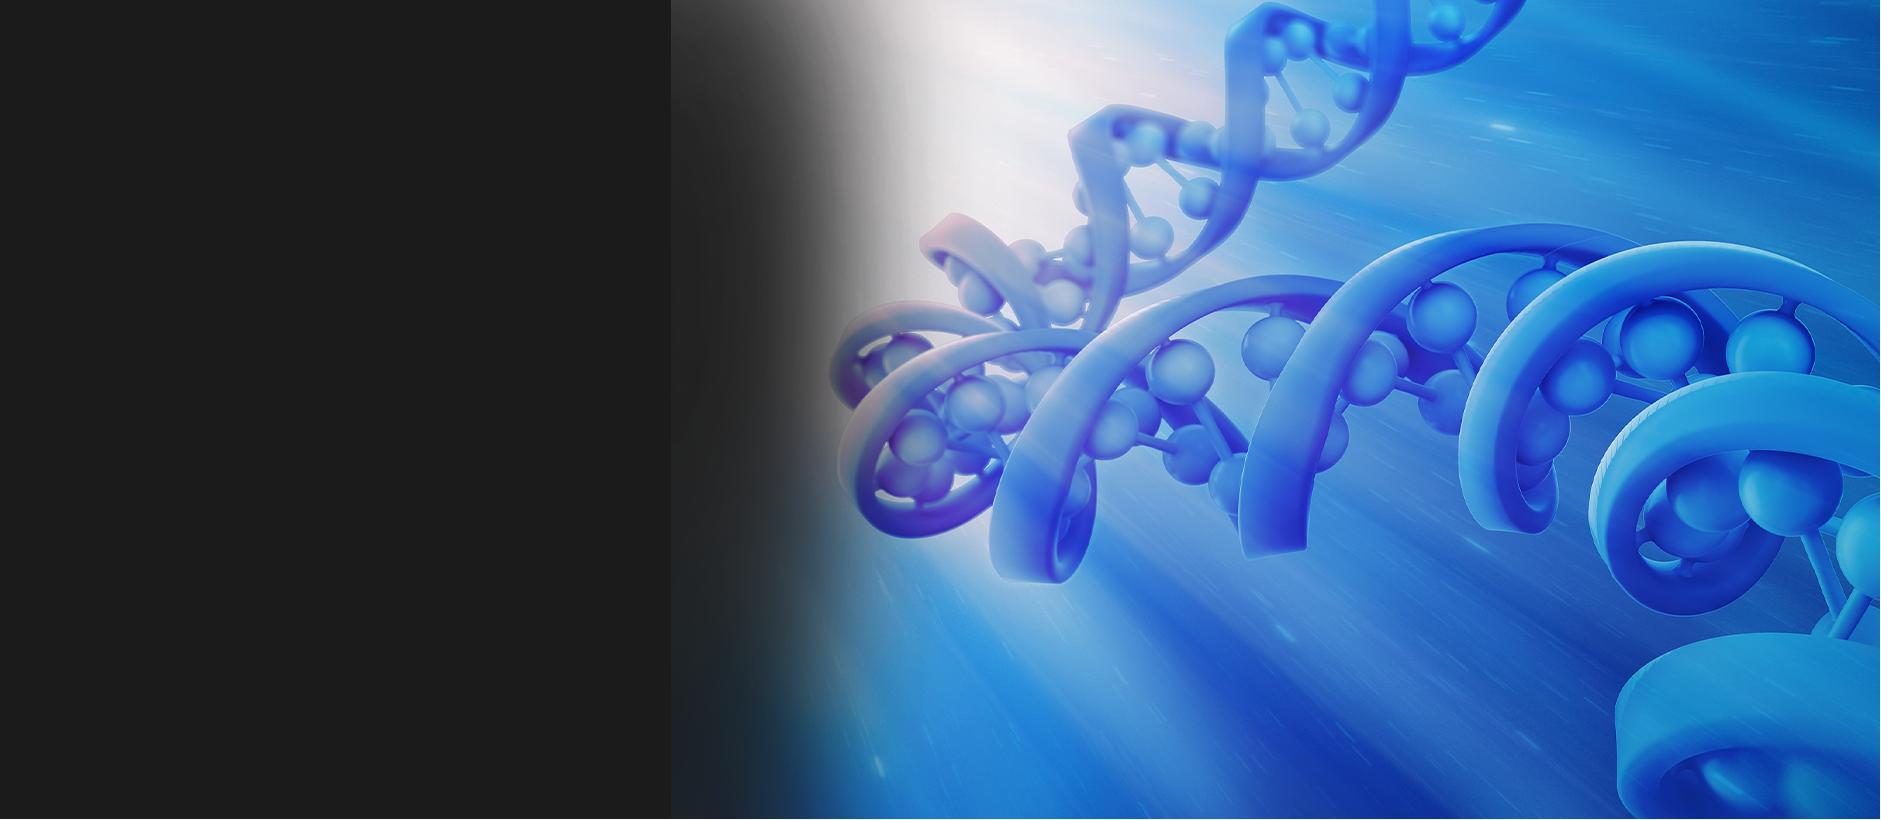 什么是 <br/> 基因工程串联表达技术